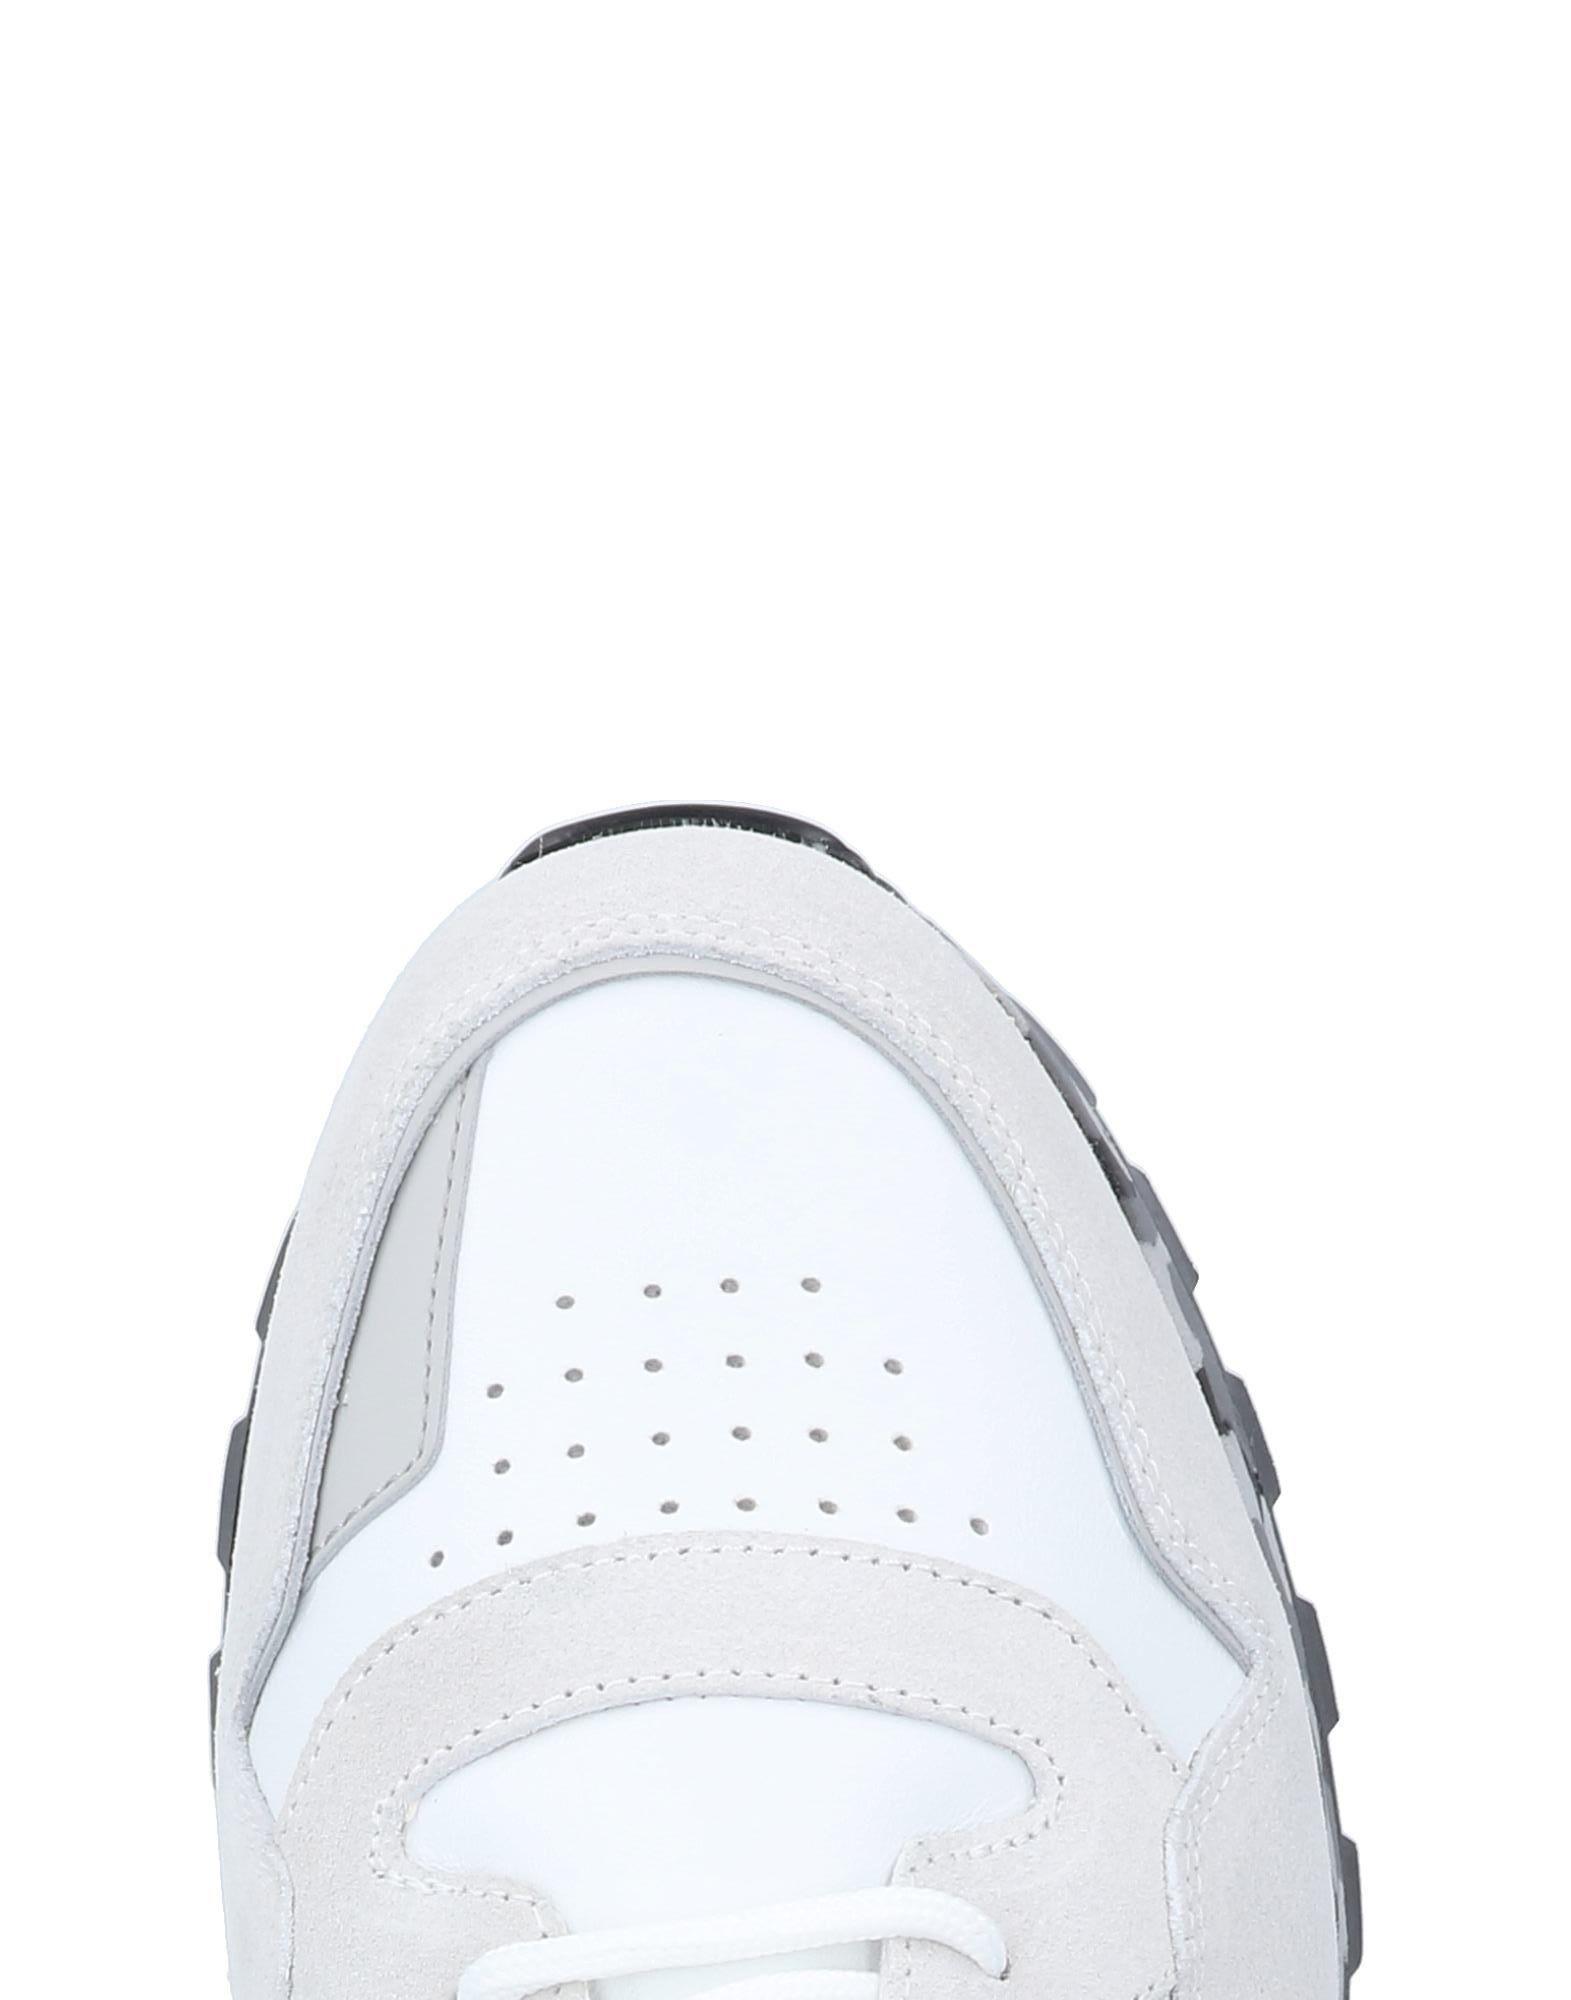 Bikkembergs Sneakers Herren  11449884IU Gute Qualität beliebte Schuhe